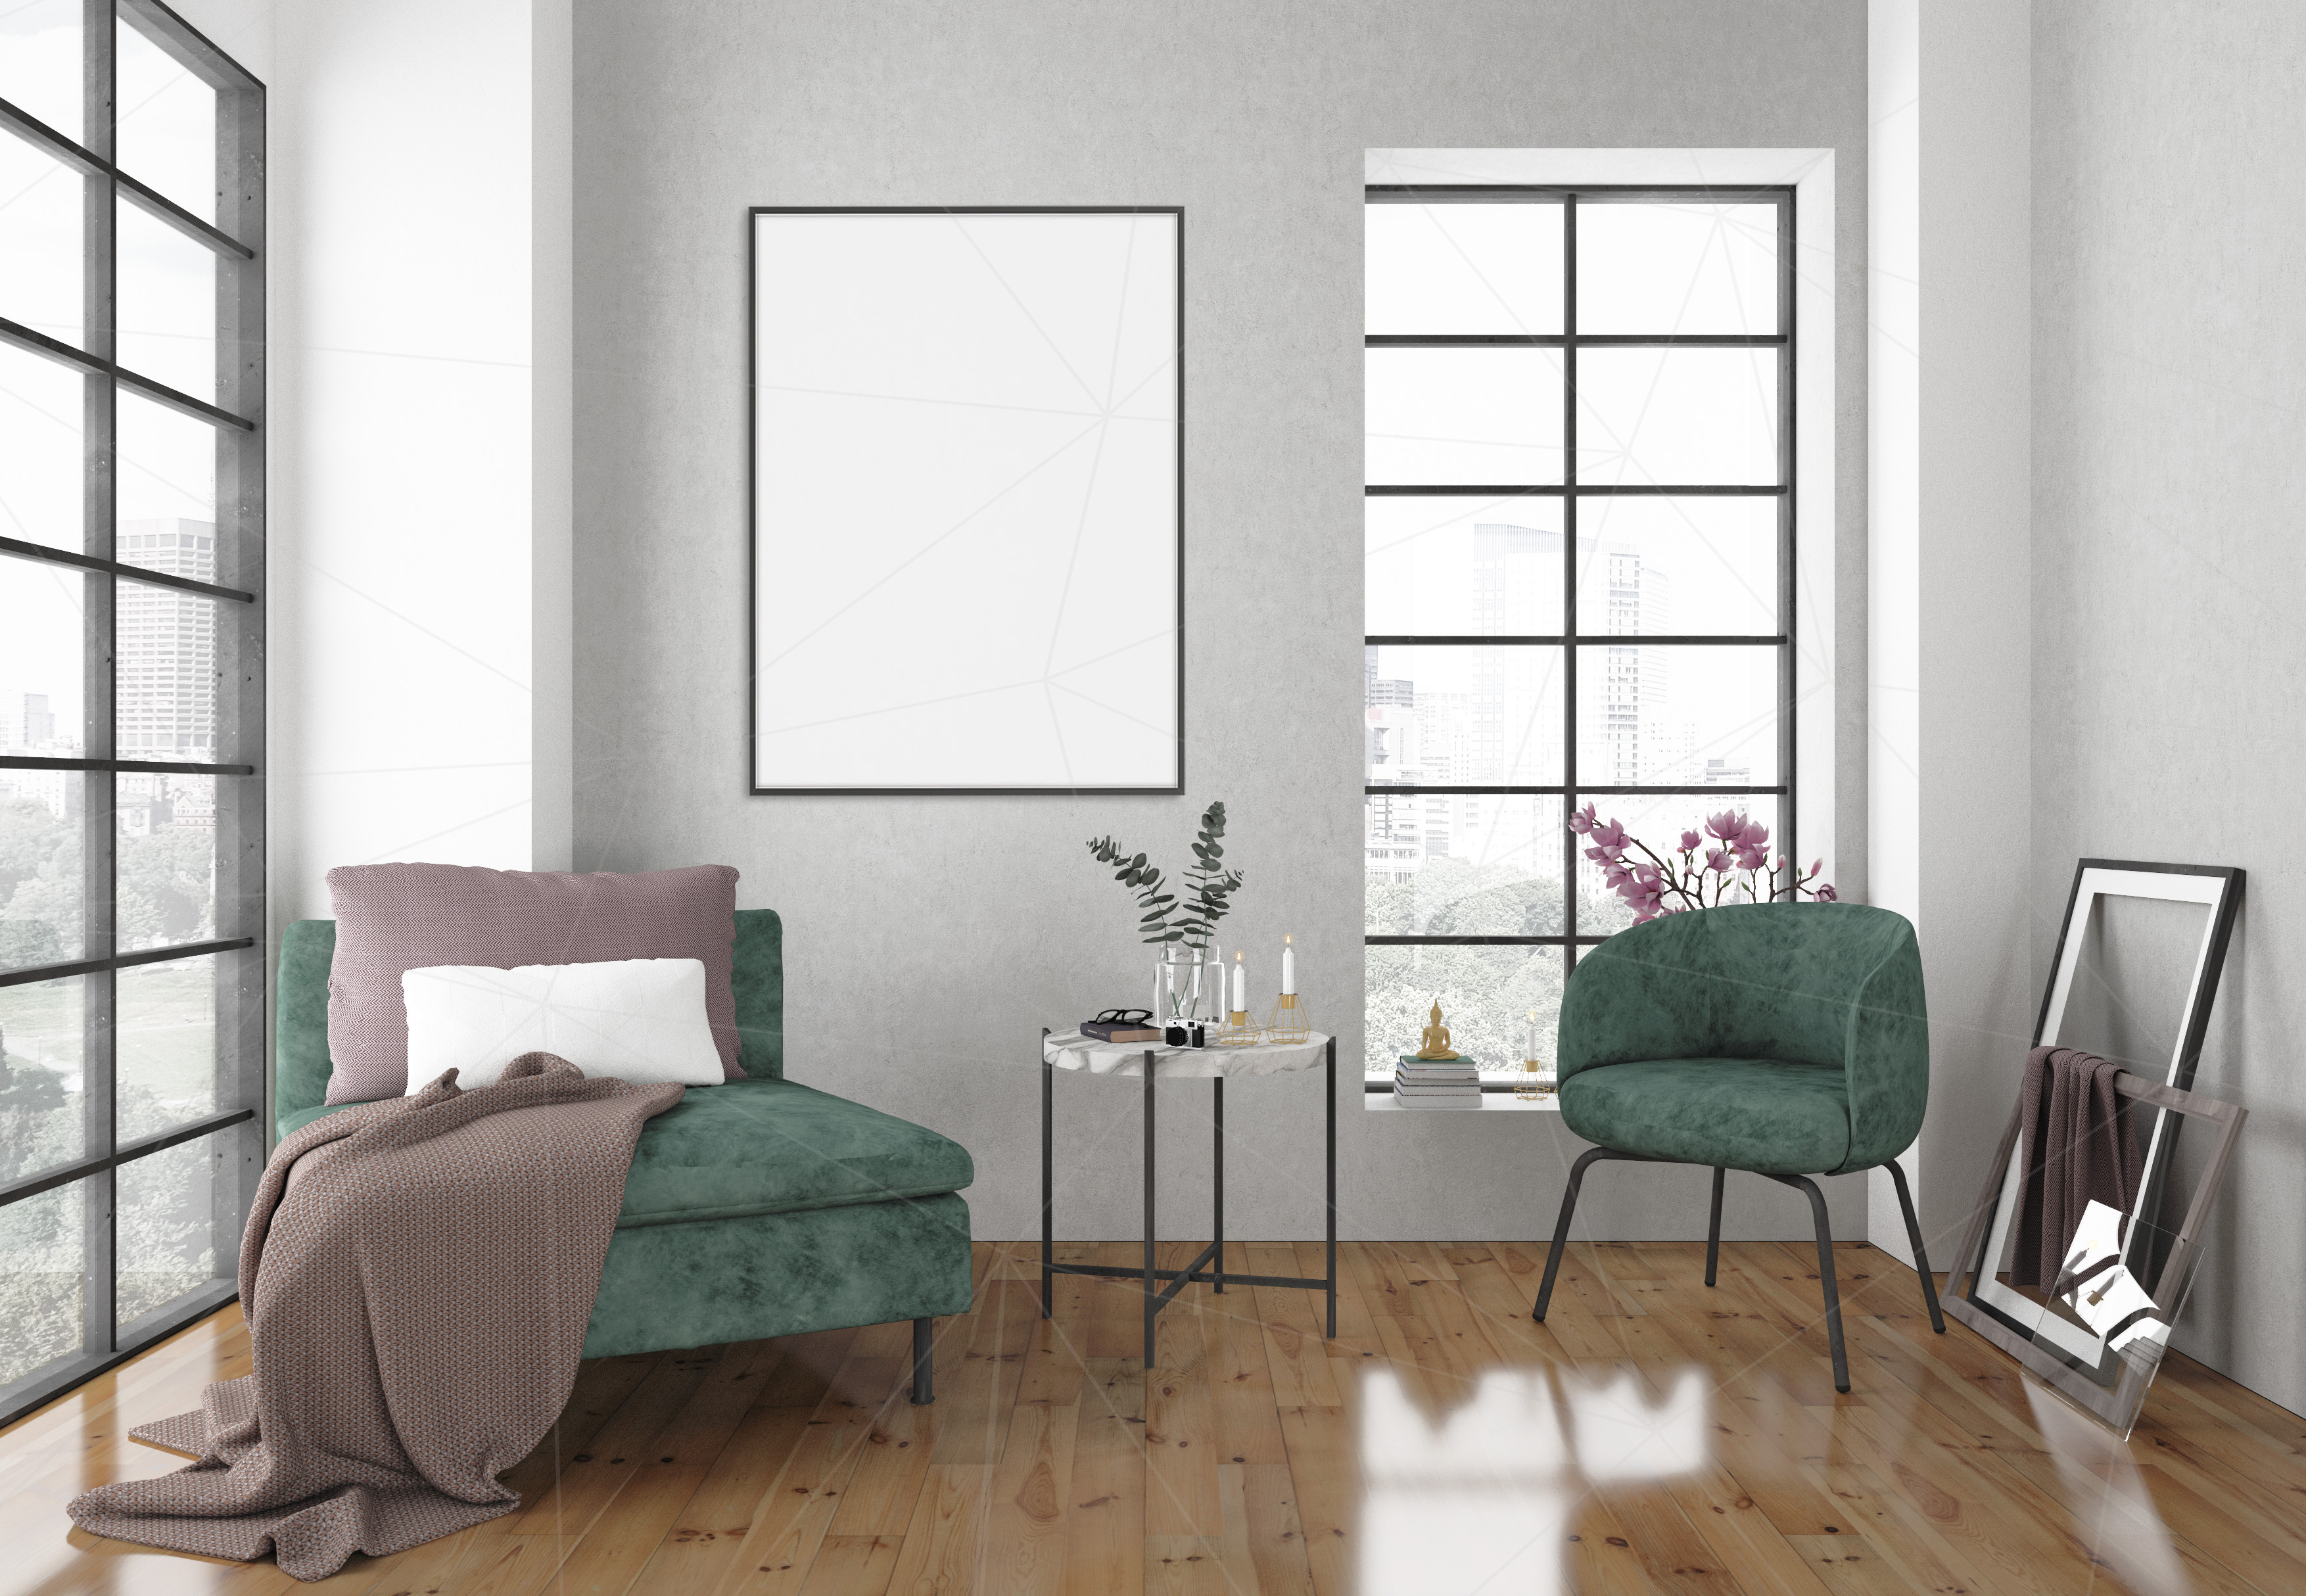 Interior mockup bundle - blank wall mock up (46736) | Mock Ups | Design Bundles